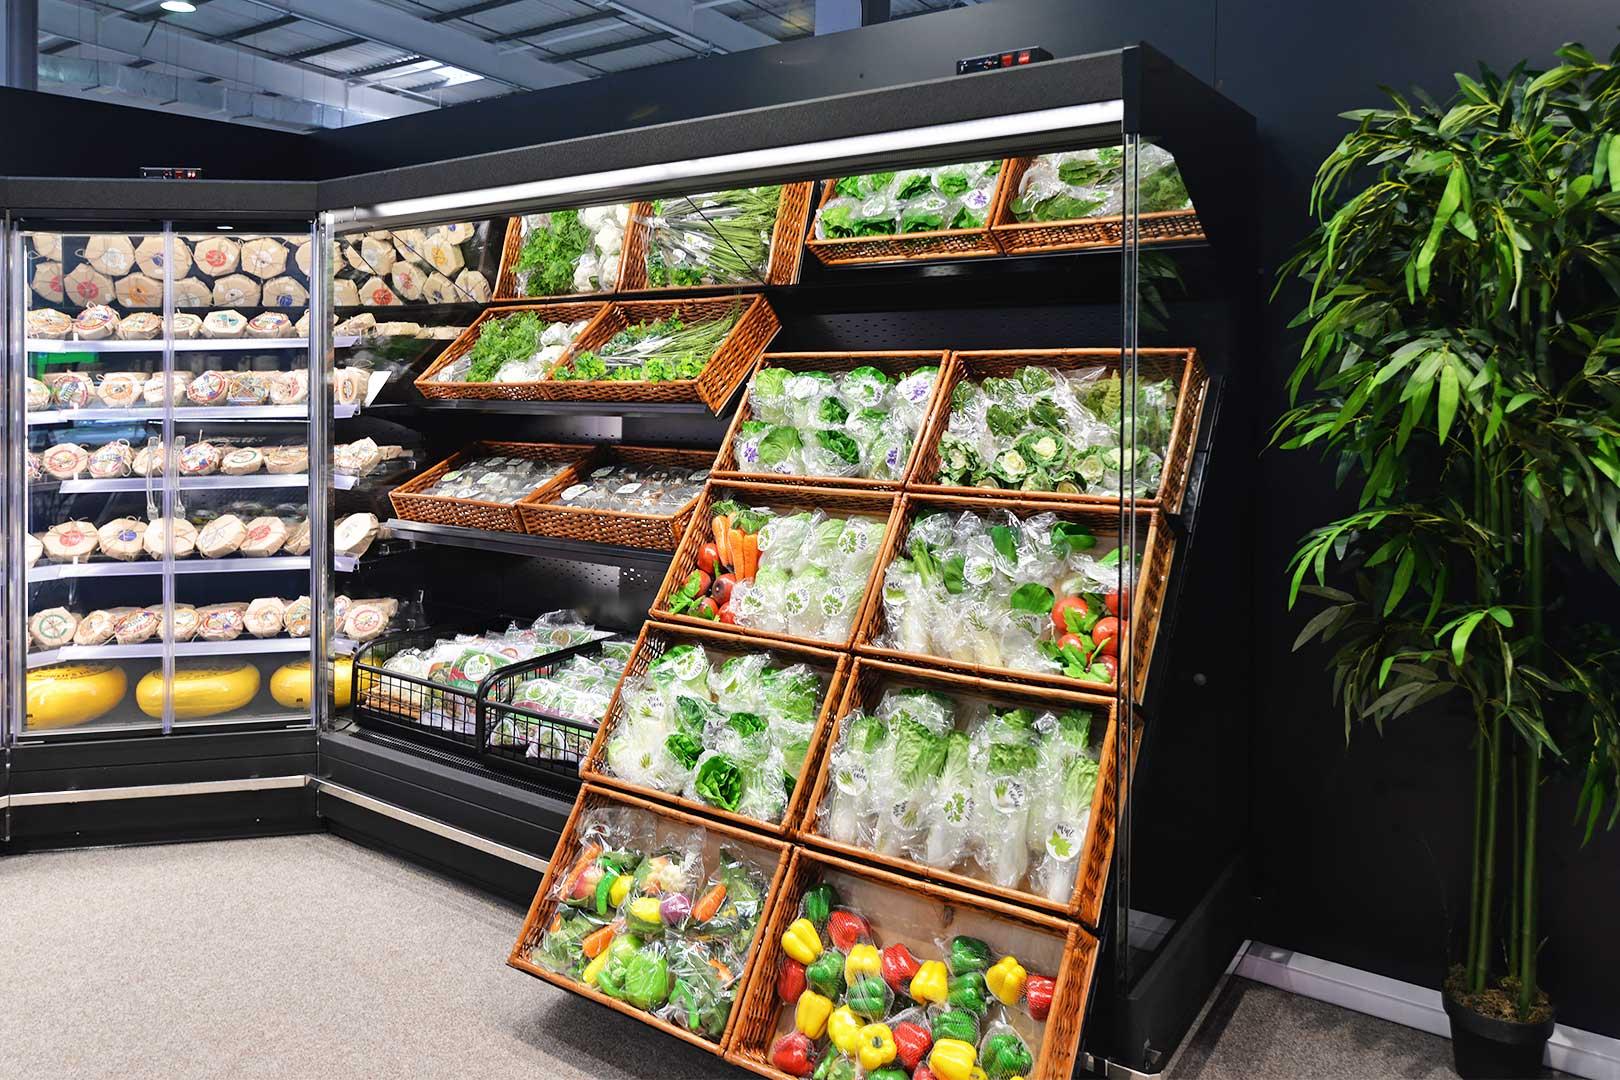 Multideck cabinet Indiana MV 080 MT D 205-DLA-IS90, specialized unit for vegetables and fruit sales Indiana MV 080 FV O 205-DLA